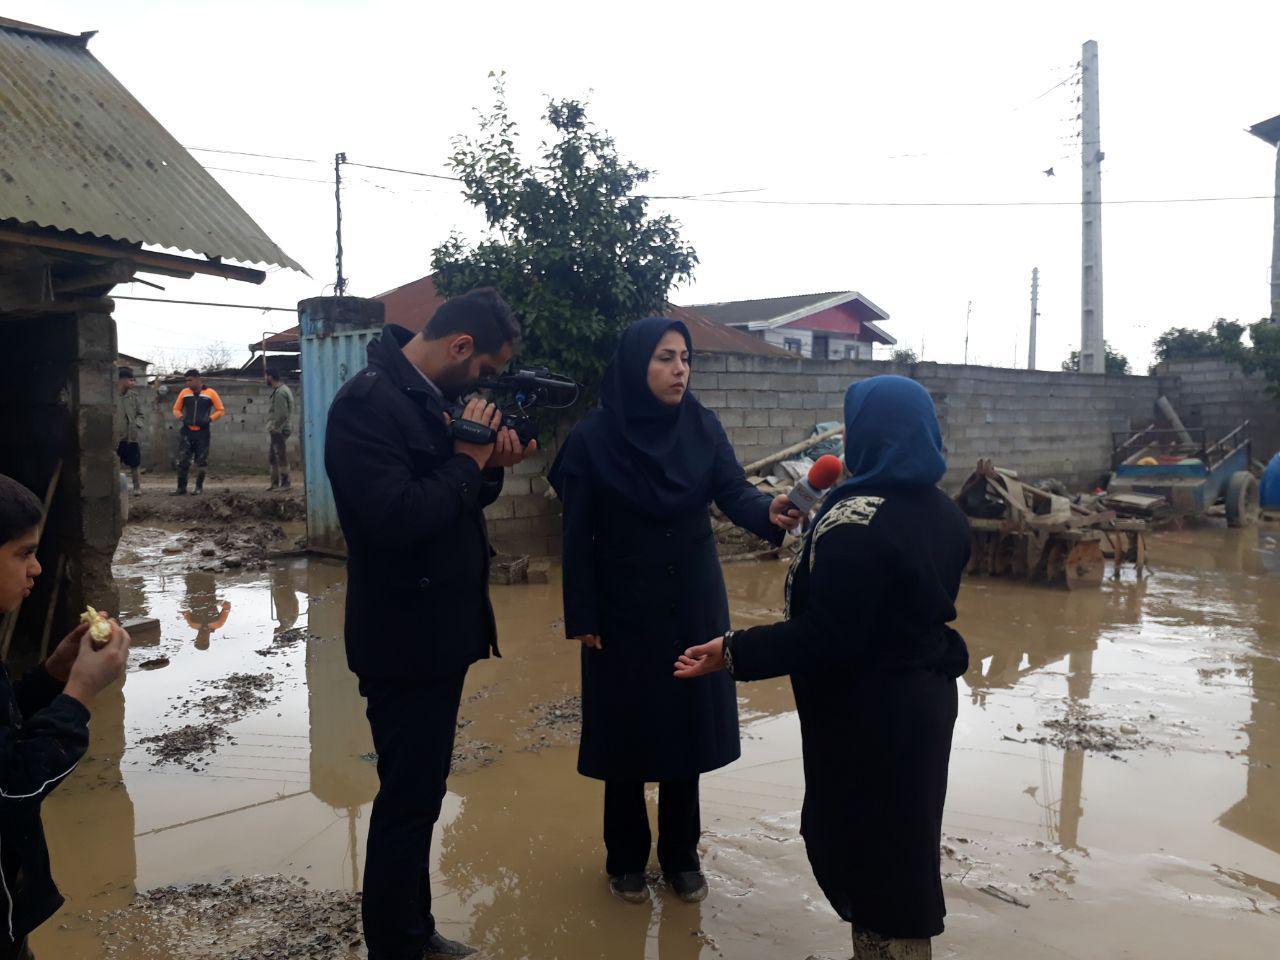 آخرین خبرها از وقوع سیل در نقاط مختلف کشور(6 فروردین)+تصاویر و فیلم